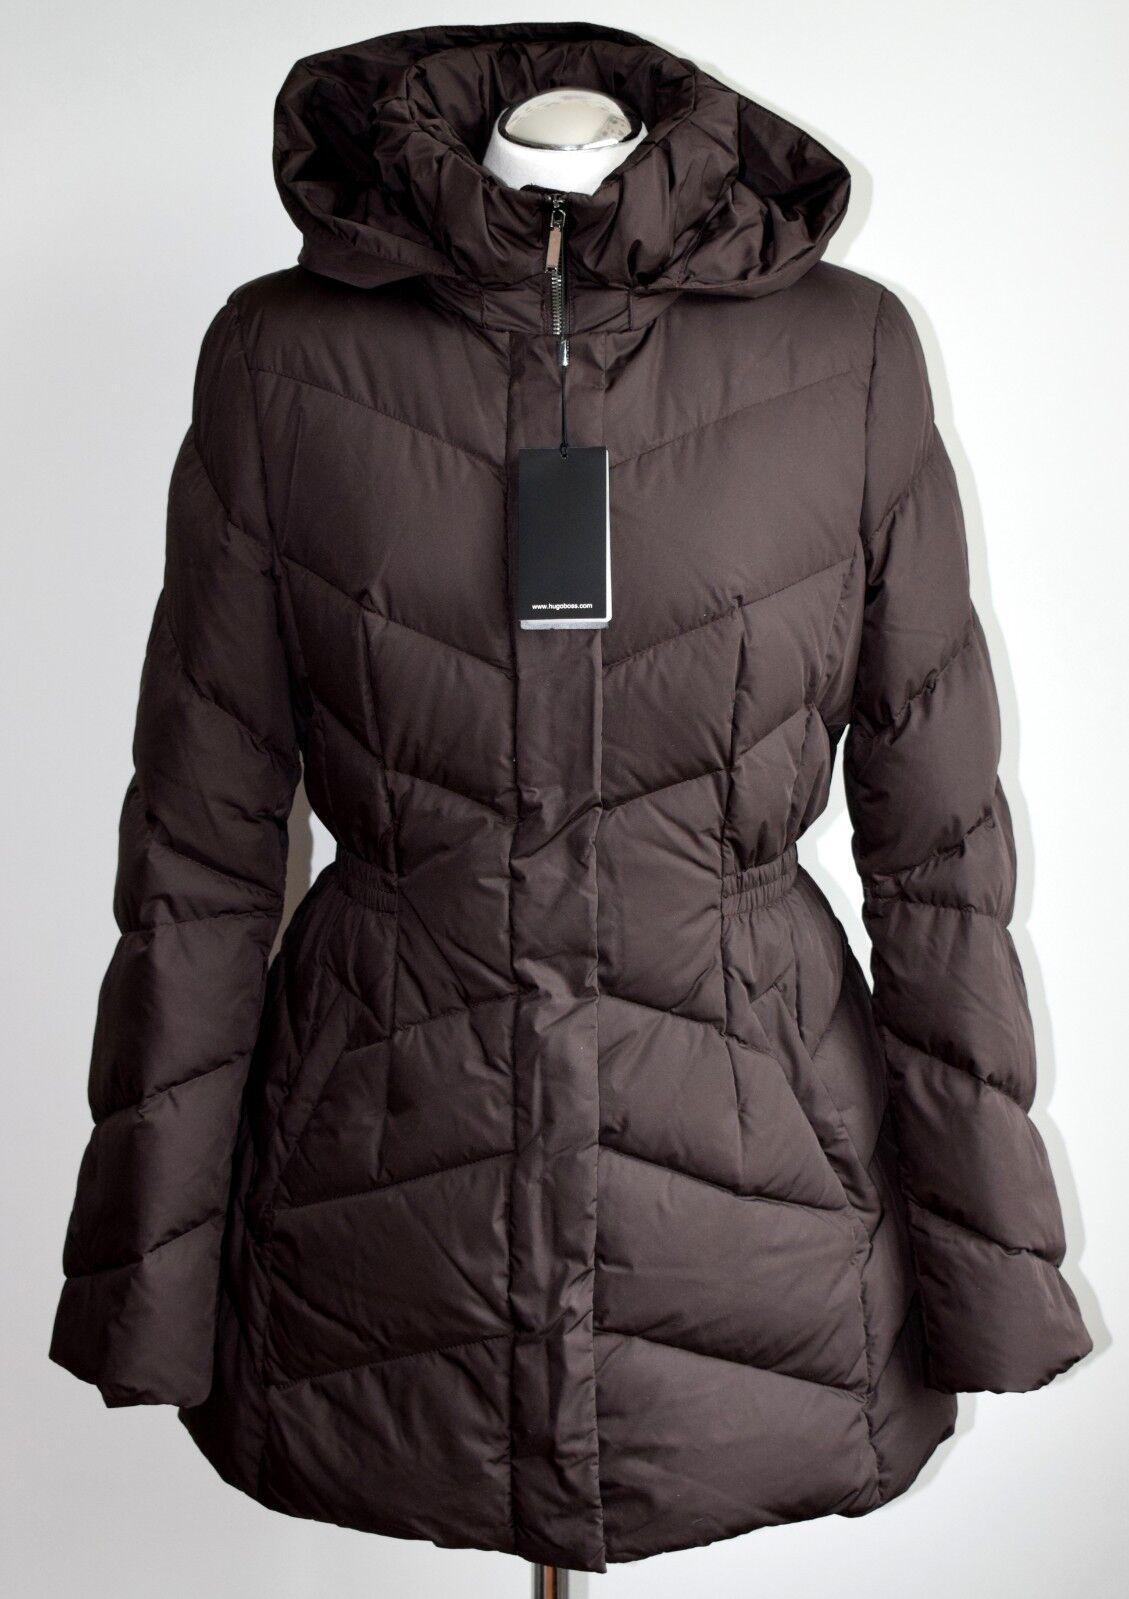 HUGO BOSS Damen Daunen Mantel Pivette 1 braun 90% Daunen 10% Federn Größe 42